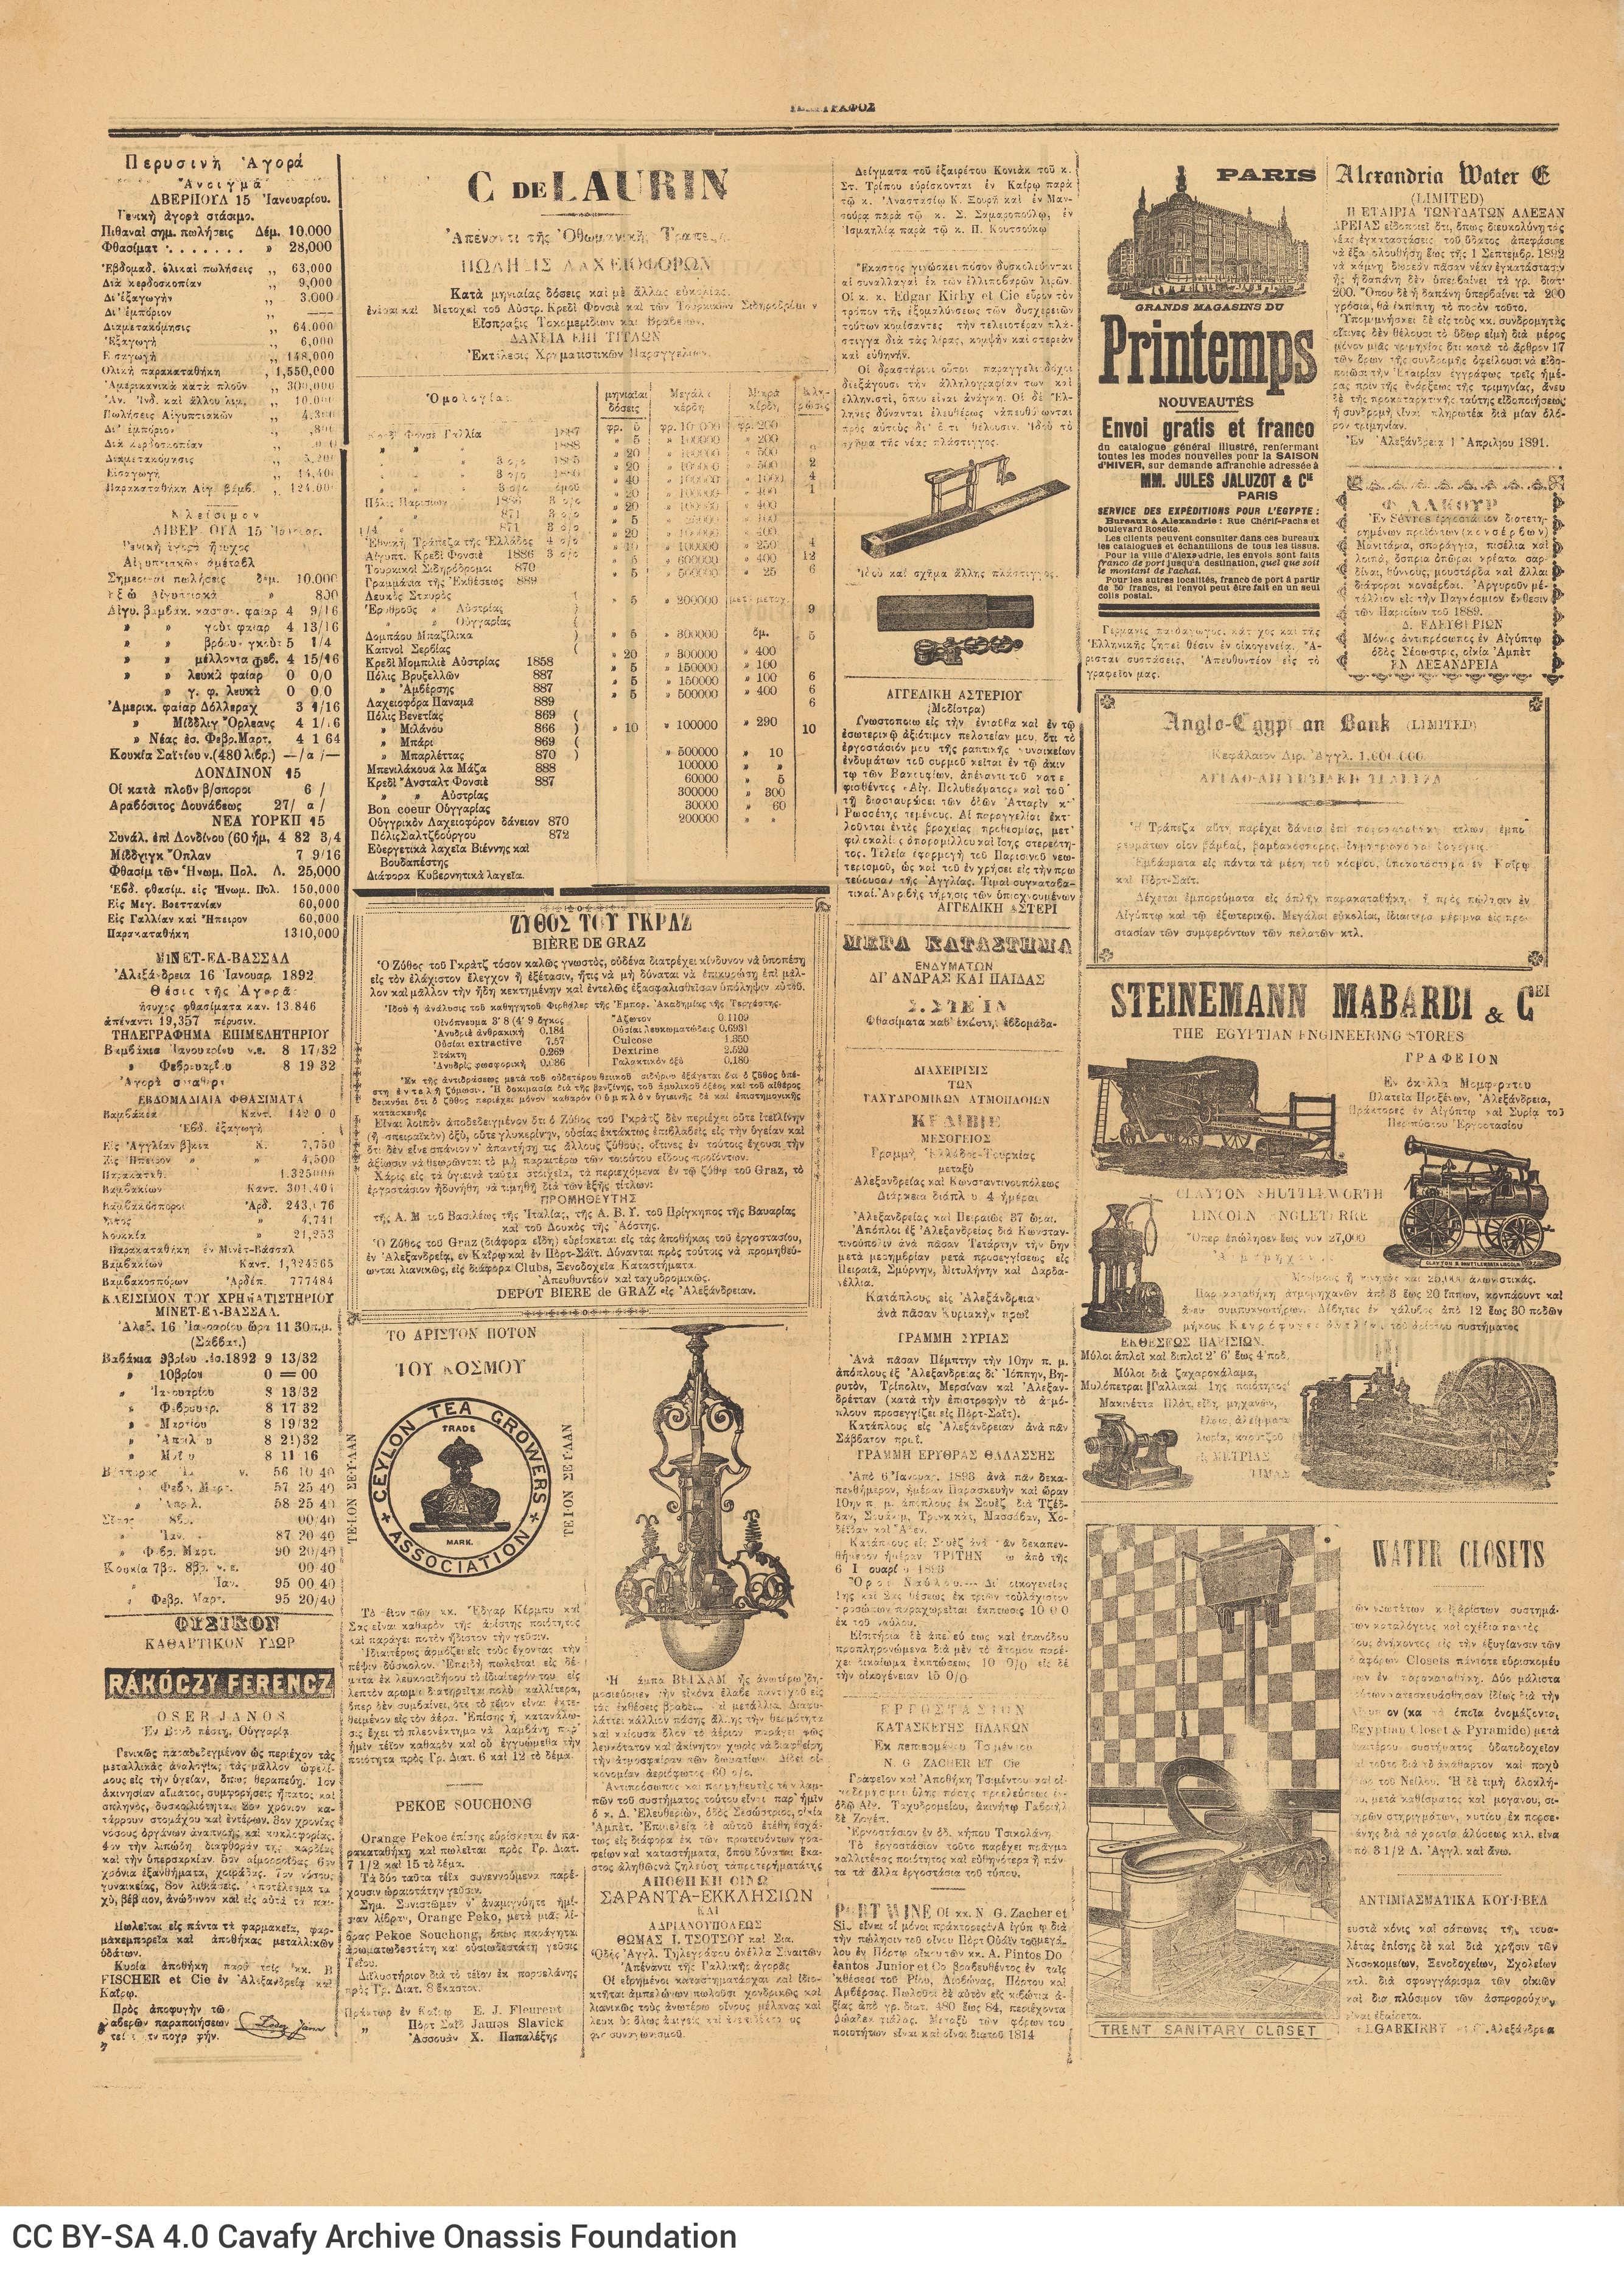 Δύο αντίτυπα της εφημερίδας *Τηλέγραφος* της Αλεξάνδρειας. Άρθρο του